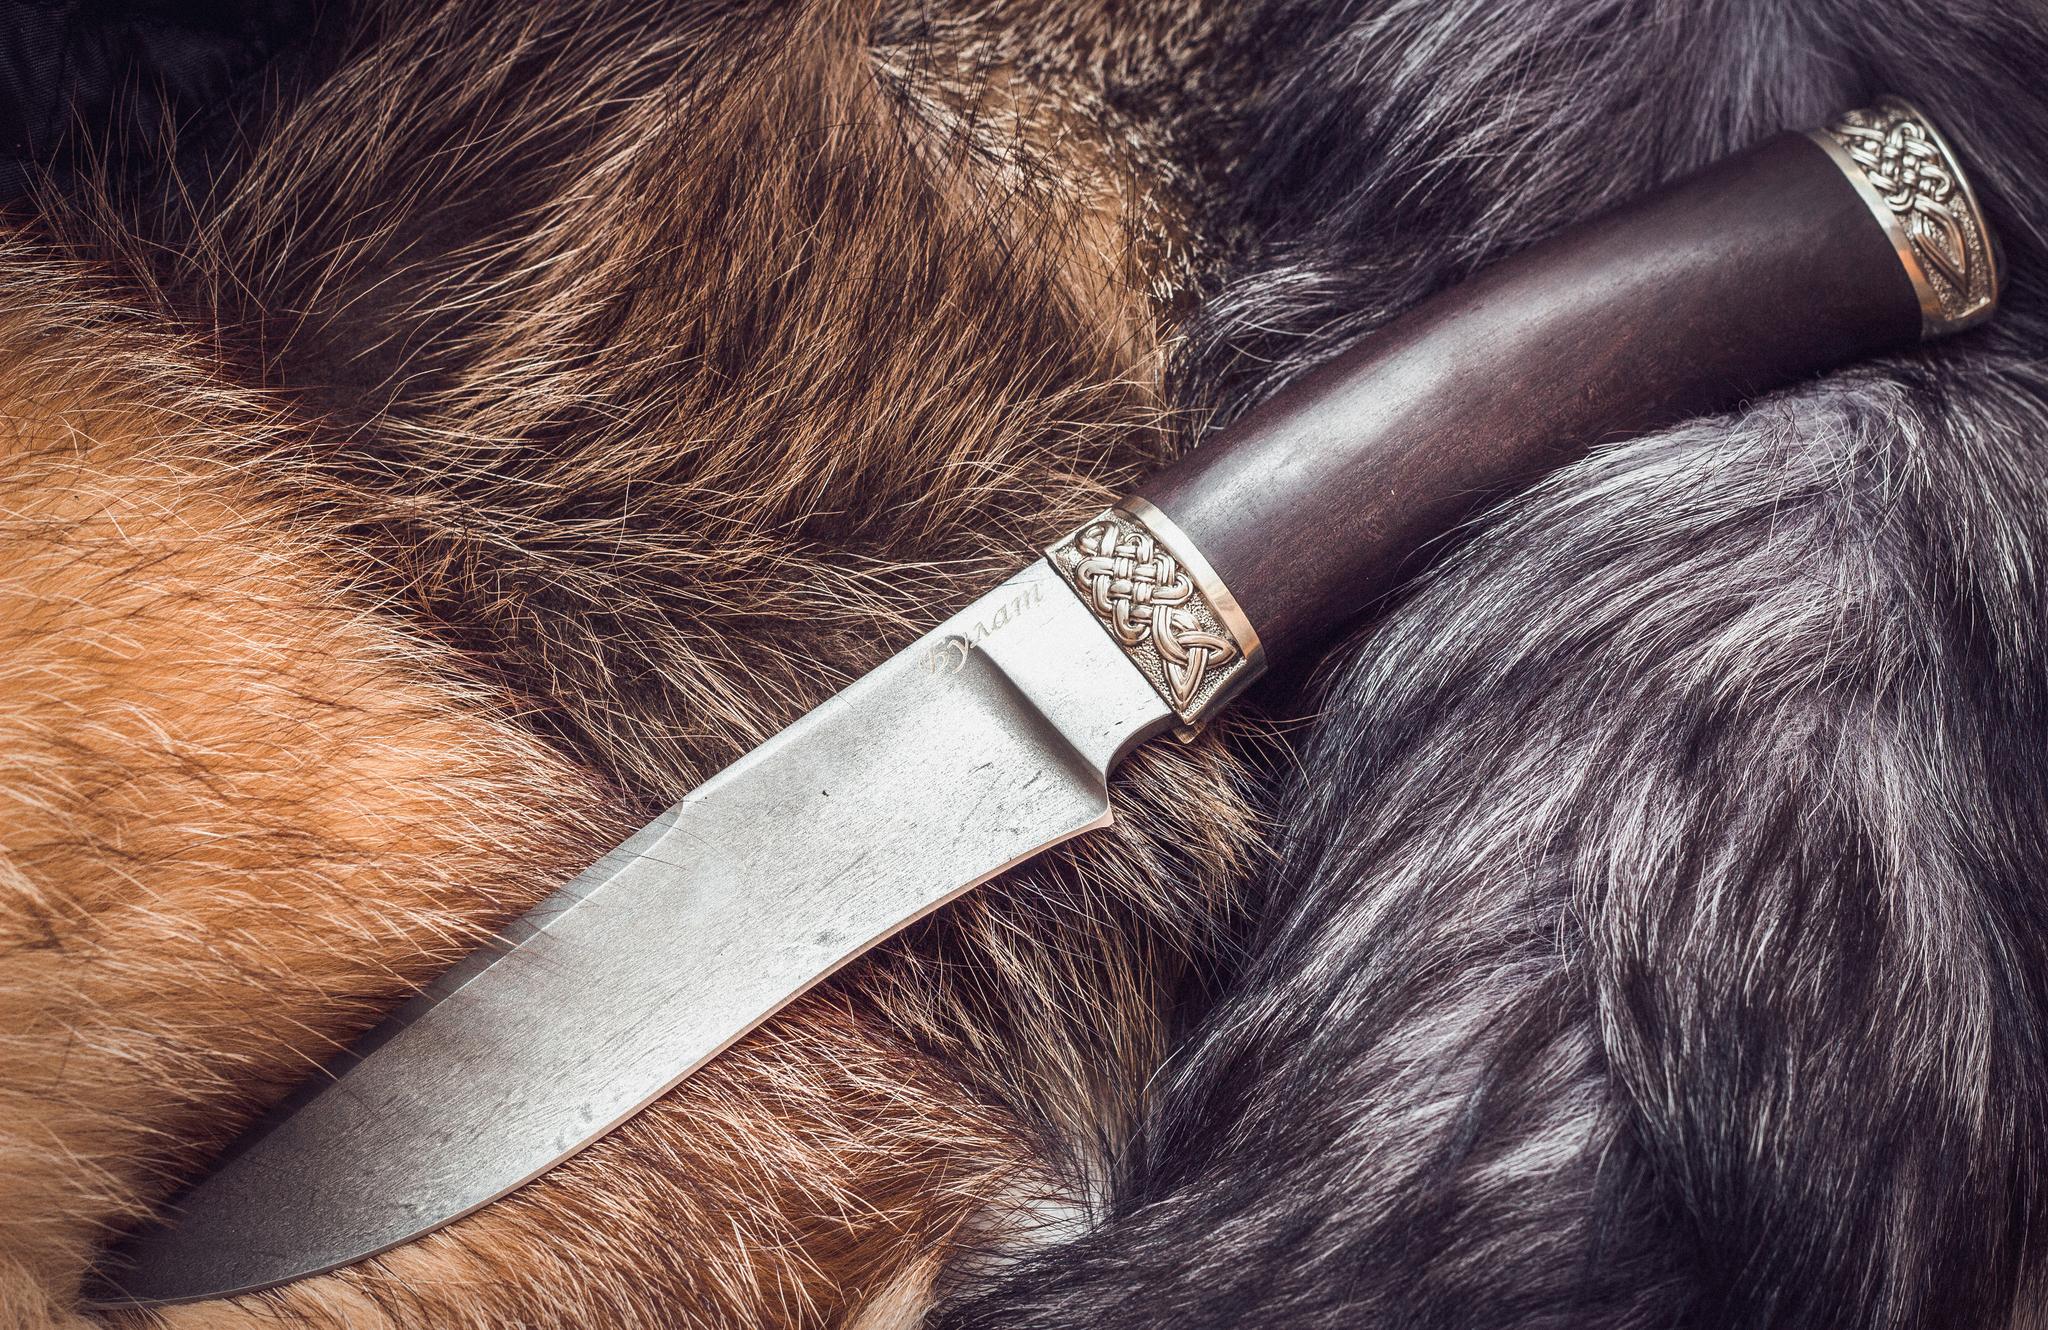 Нож из булатной стали Кметь, мельхиорНожи Ворсма<br>Рукоять ножа изготовлена из темного граба. Притины отлиты из мельхиора, имеют высокую прочность и долговечность, не тускнеют в ходе эксплуатации.<br>